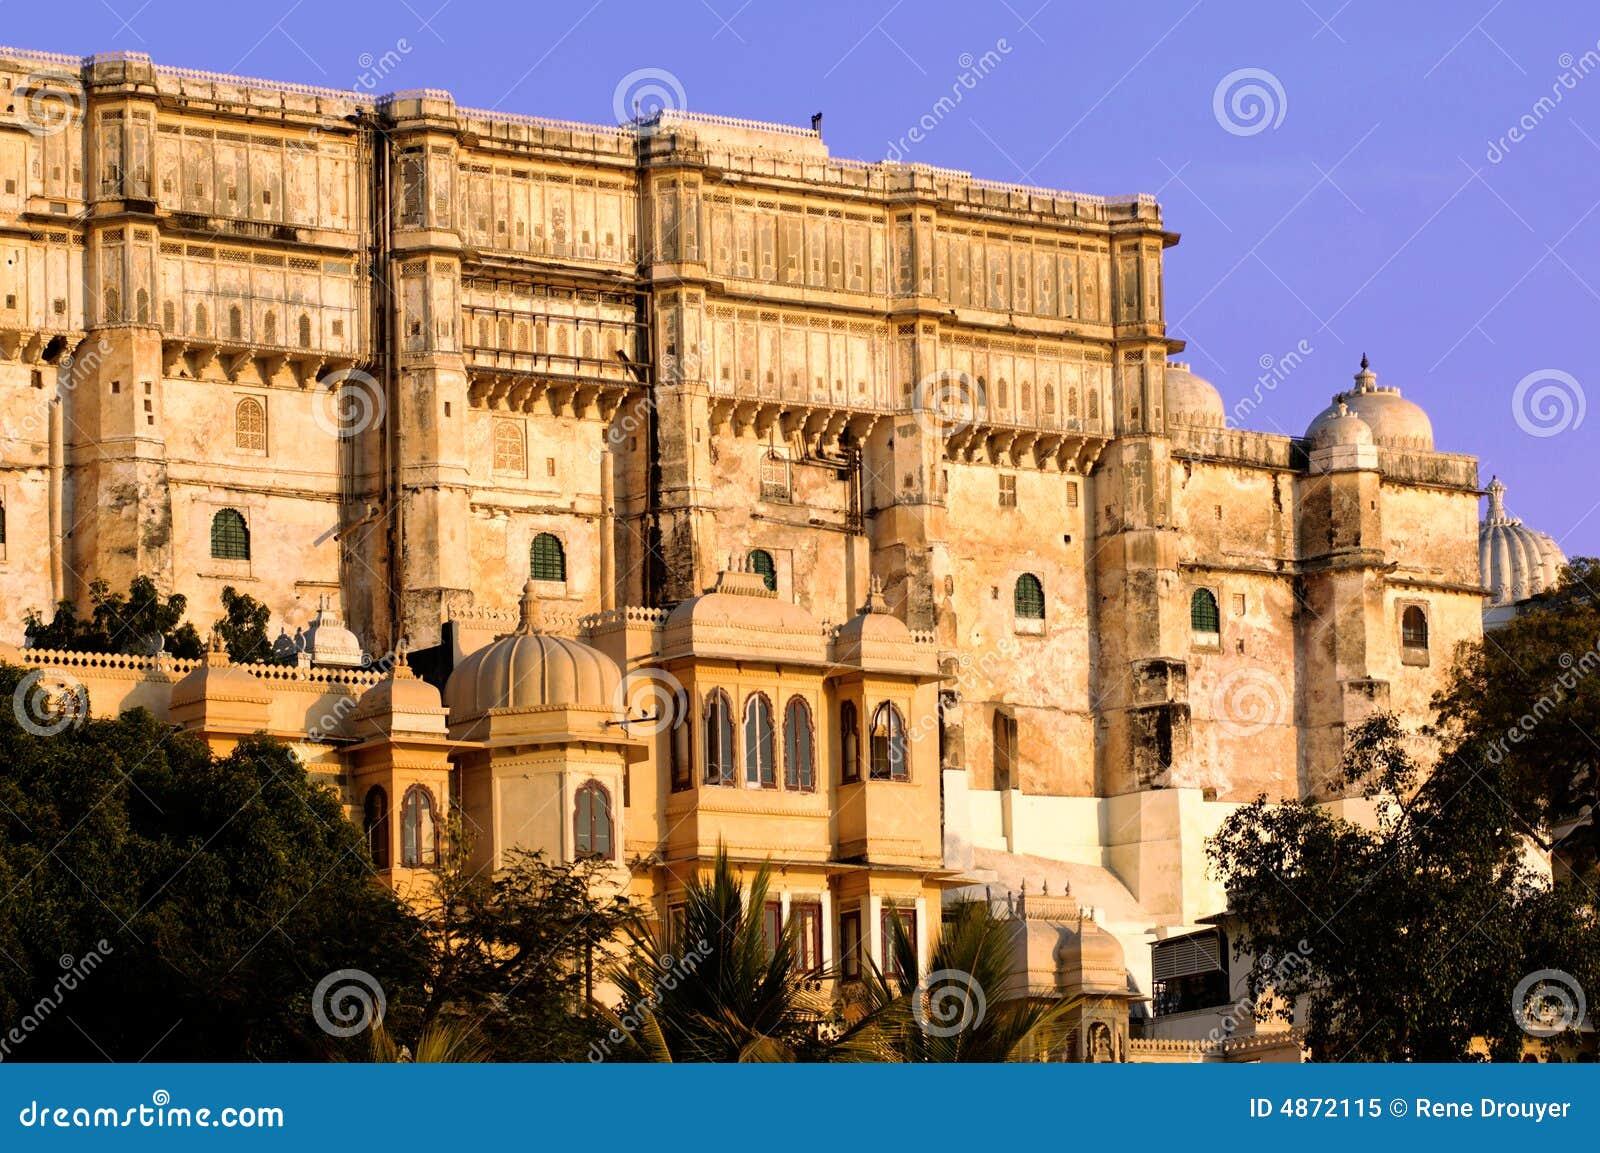 India Udaipur City Palace Royalty Free Stock Photo Image 4872115